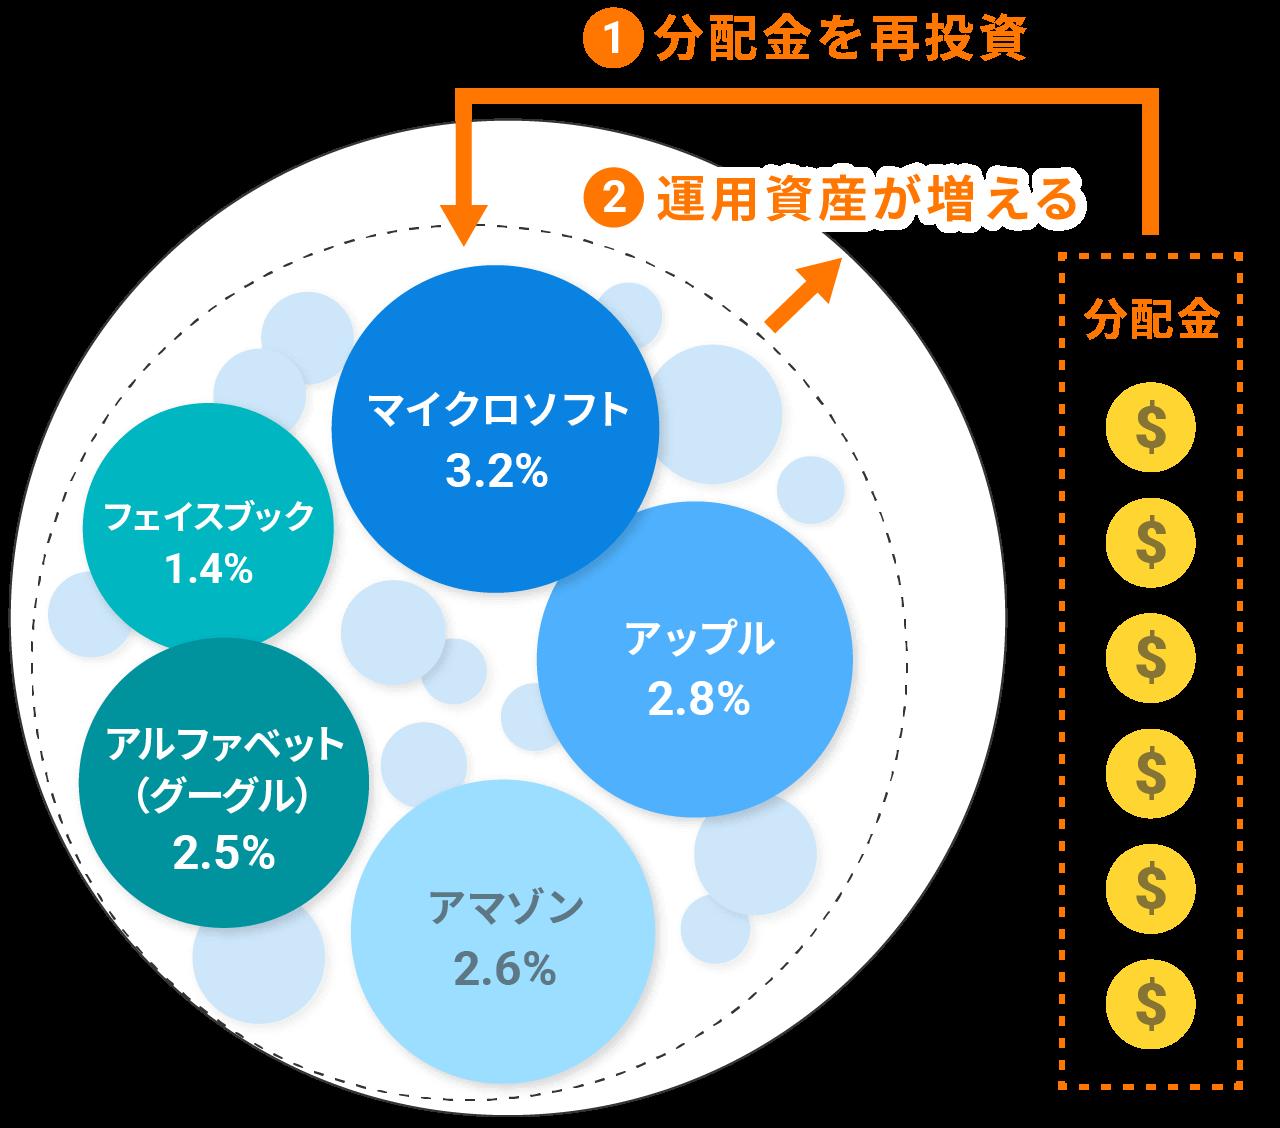 分配金をETFに再投資する仕組み(イメージ図)